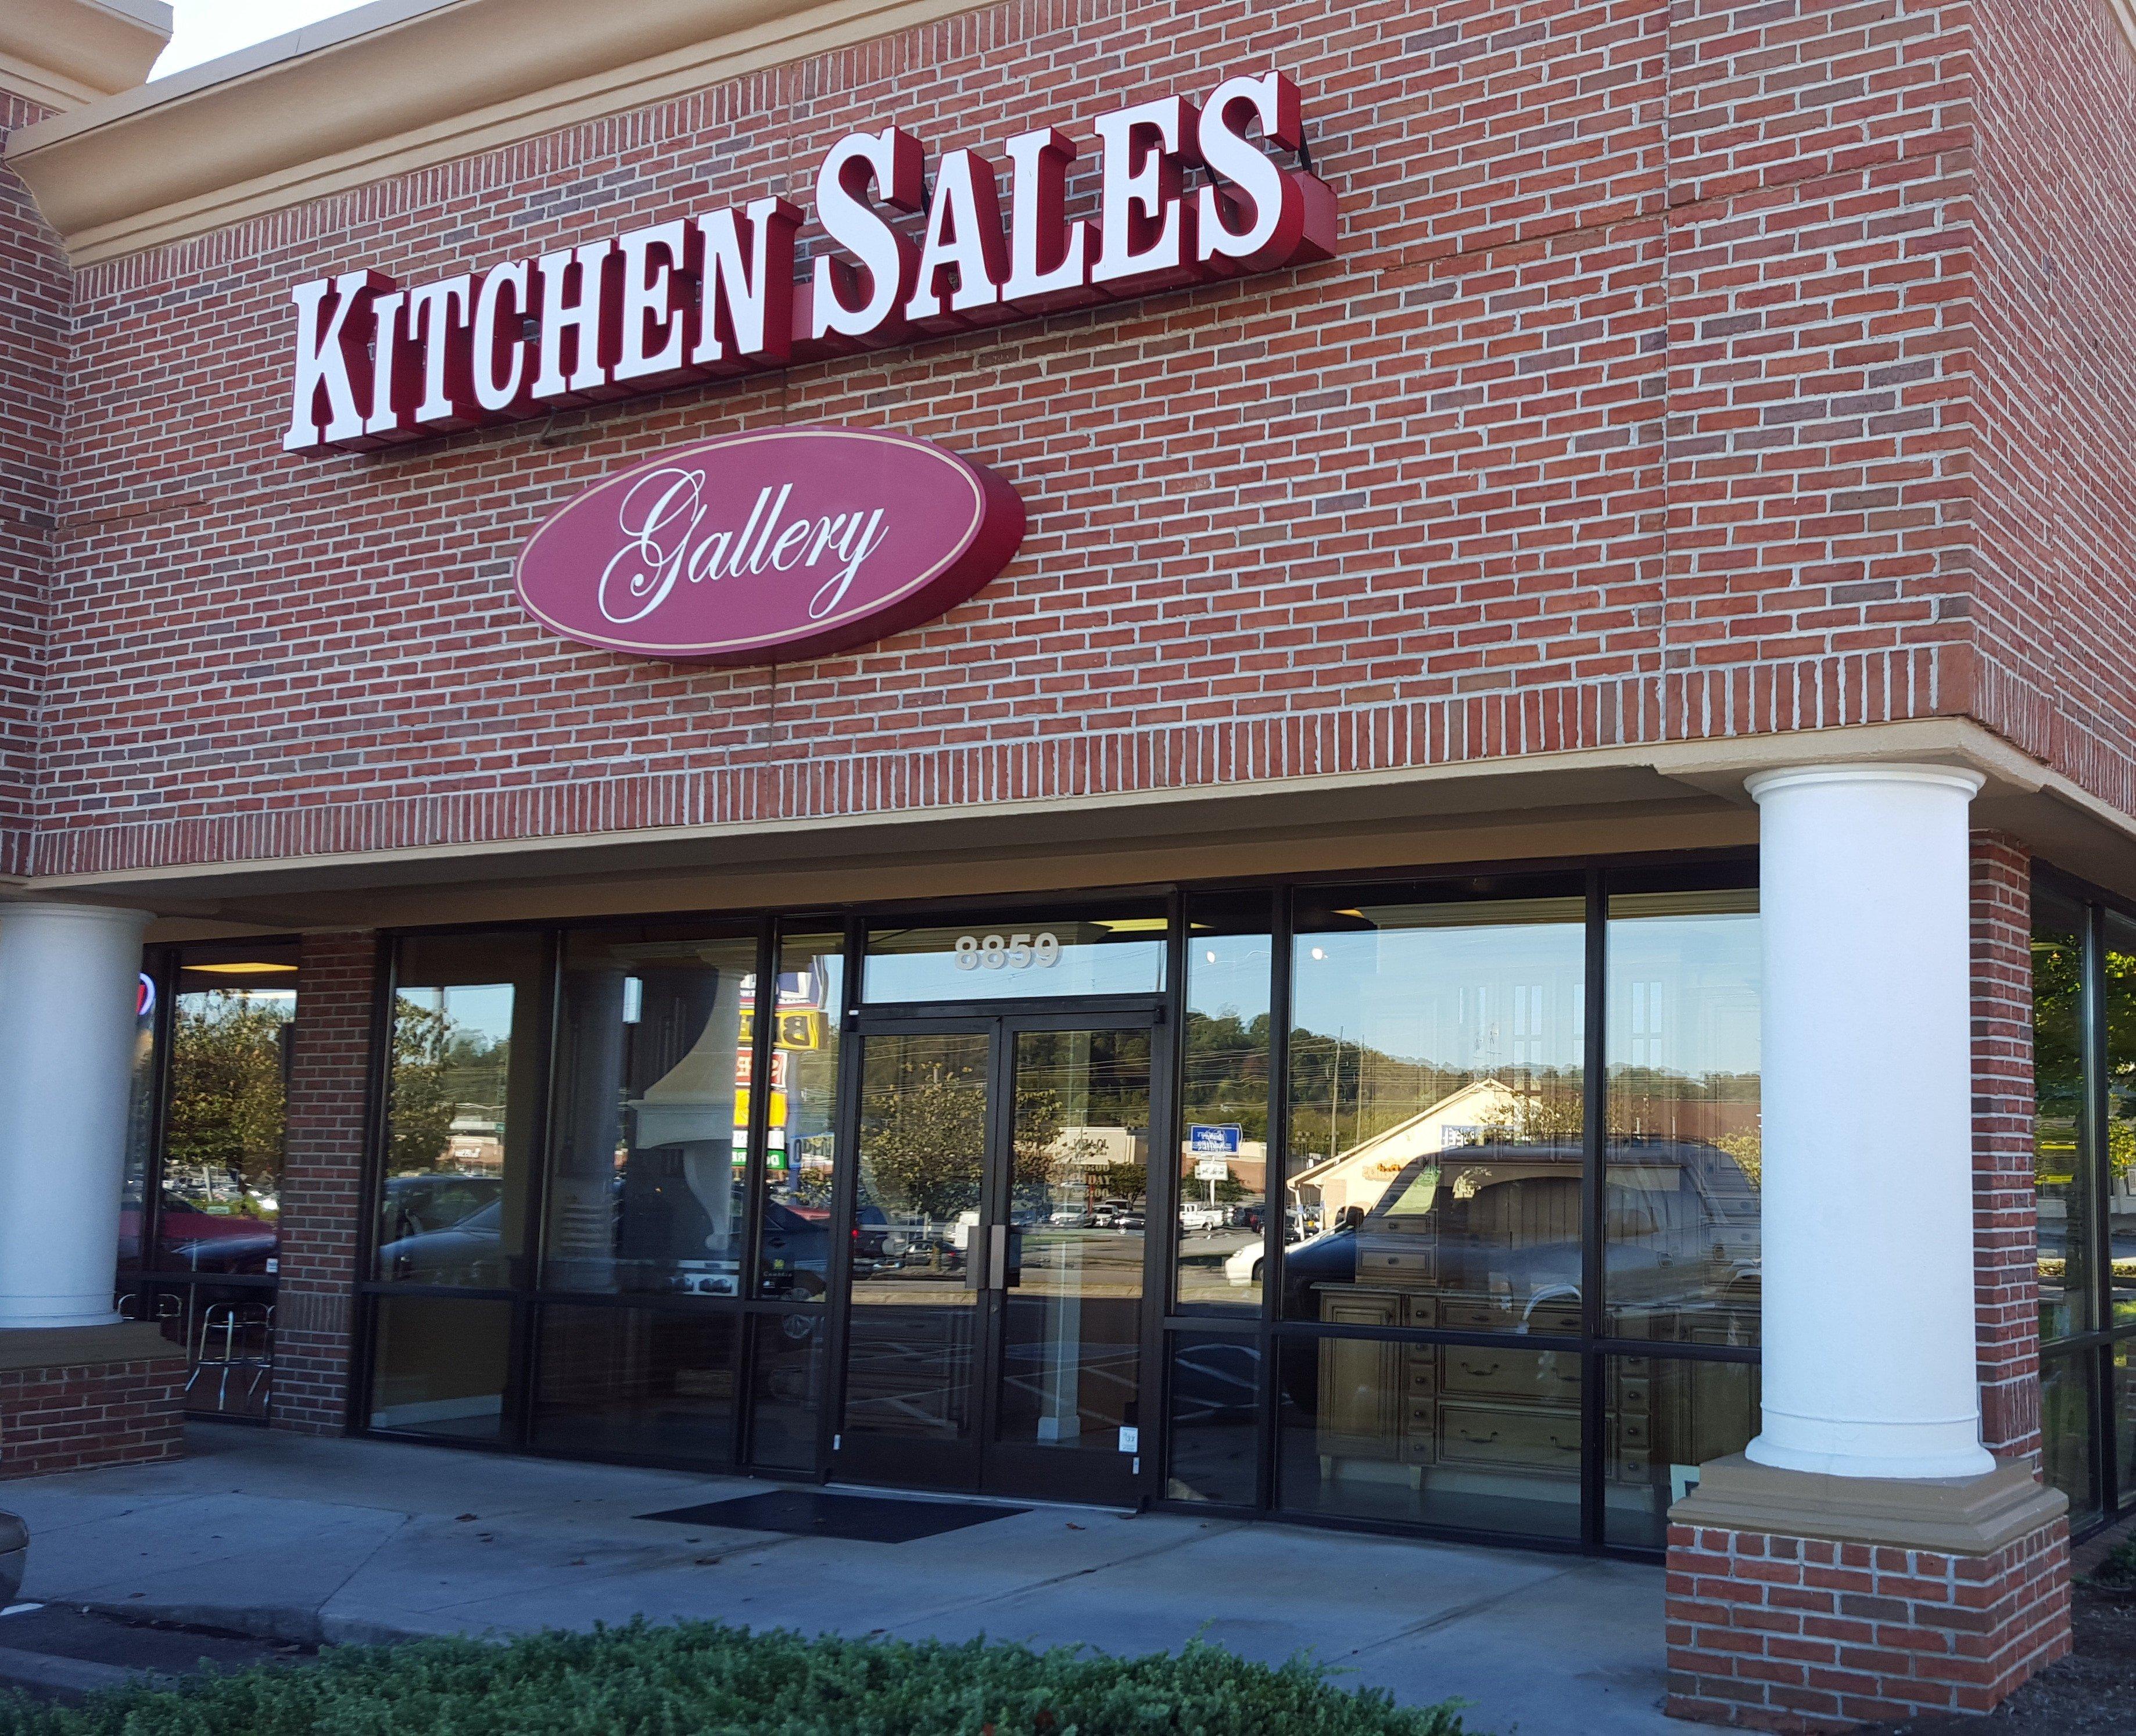 Kitchen Sales and Kitchen Sales Gallery